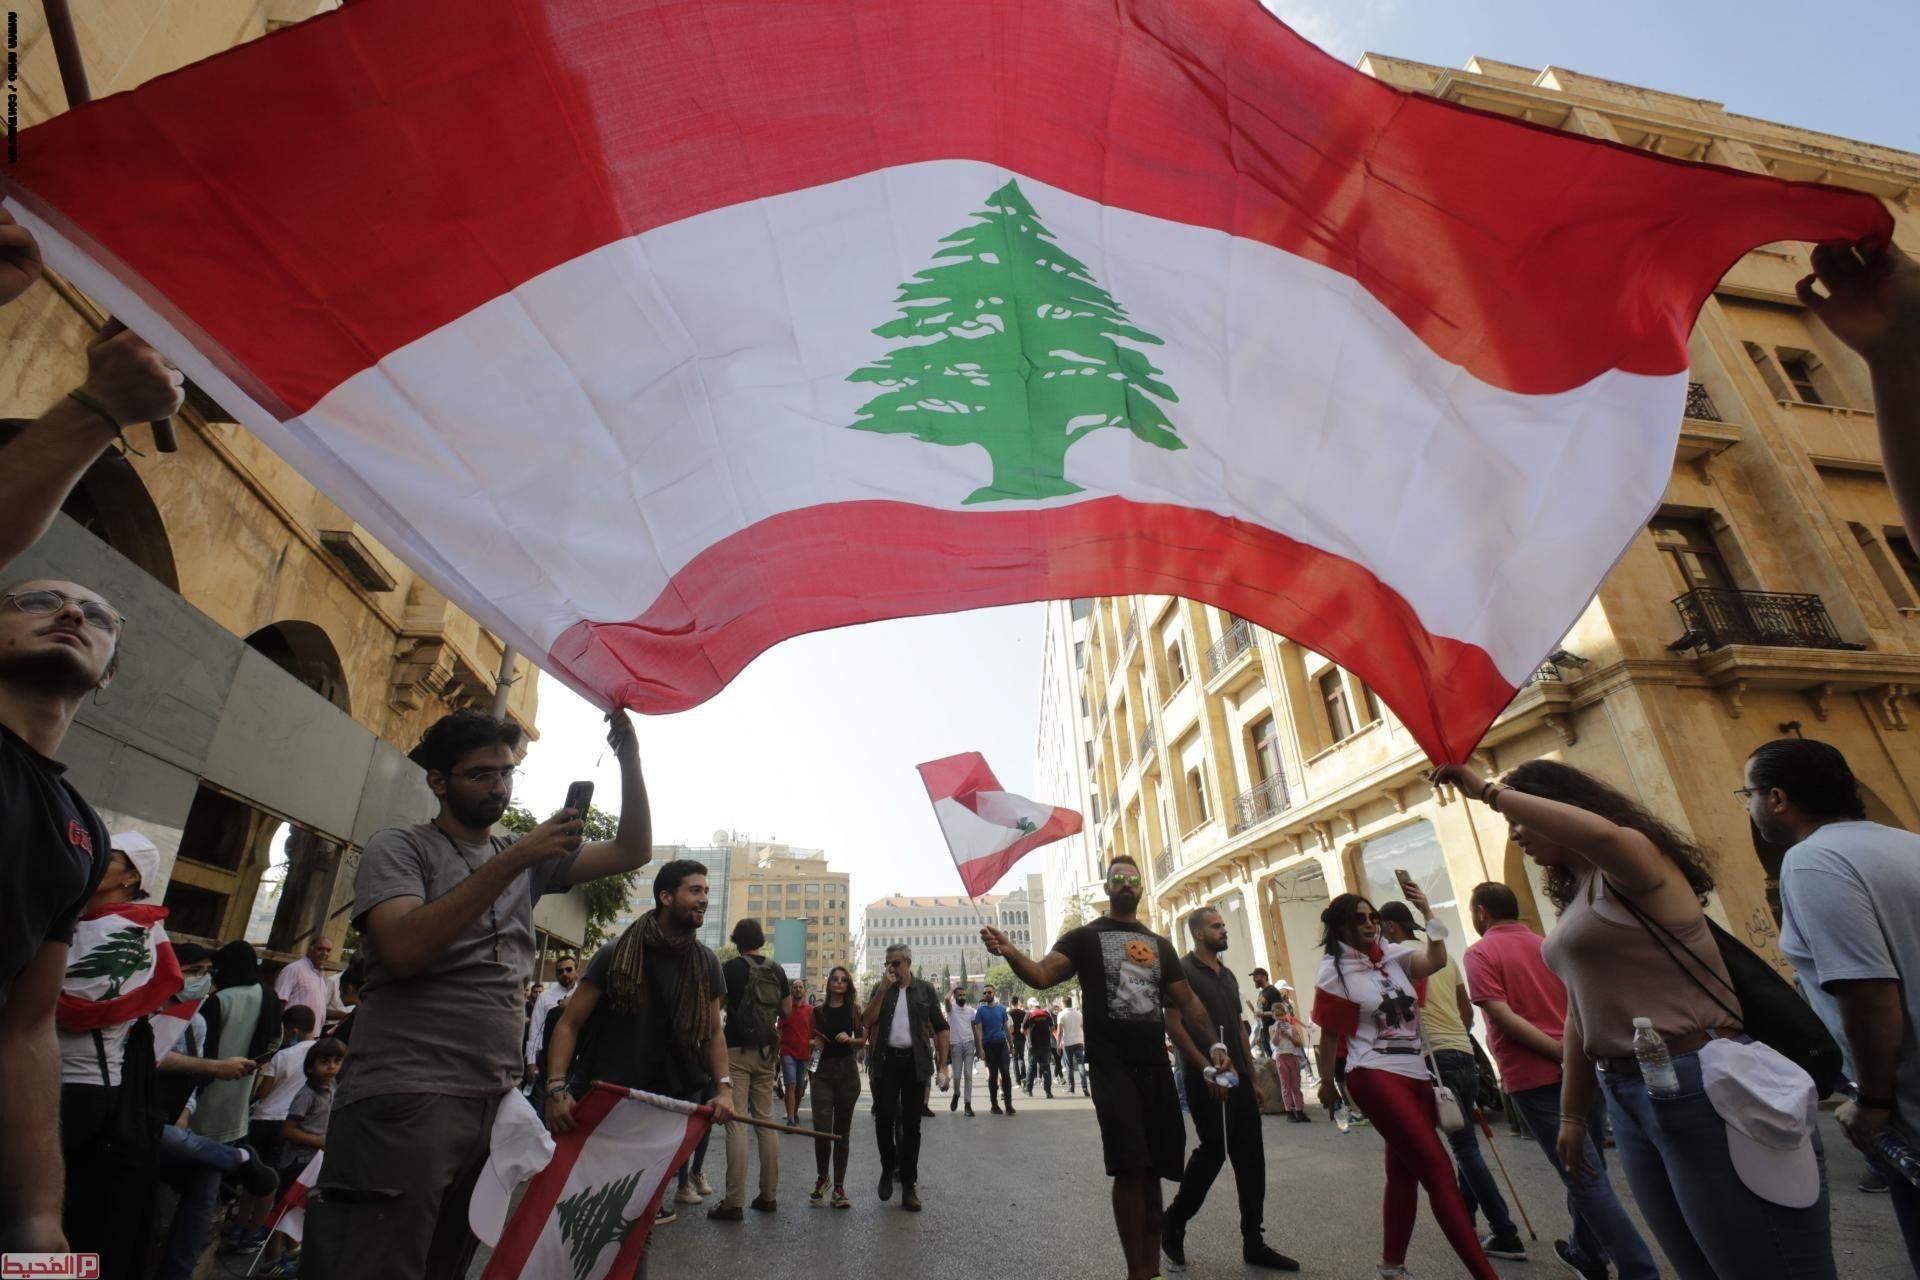 كيف يمكن لأحد أن يعترض على تعزيز الإنتاج في لبنان؟